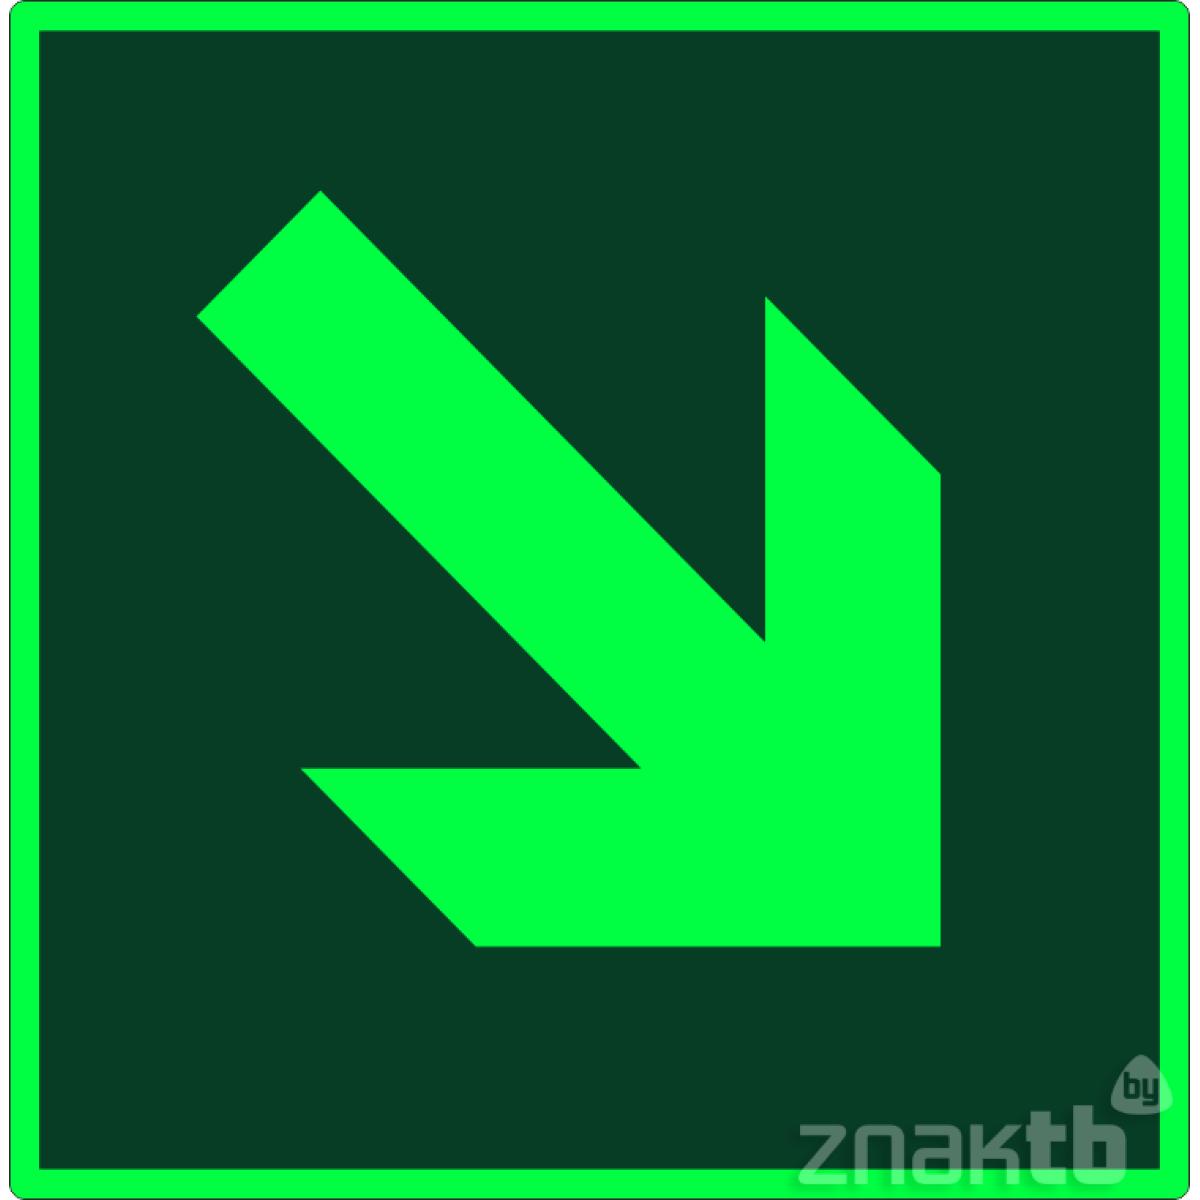 Знак Направление эвакуации (стрелка под углом 45 град.) фотолюм. код Е02-02